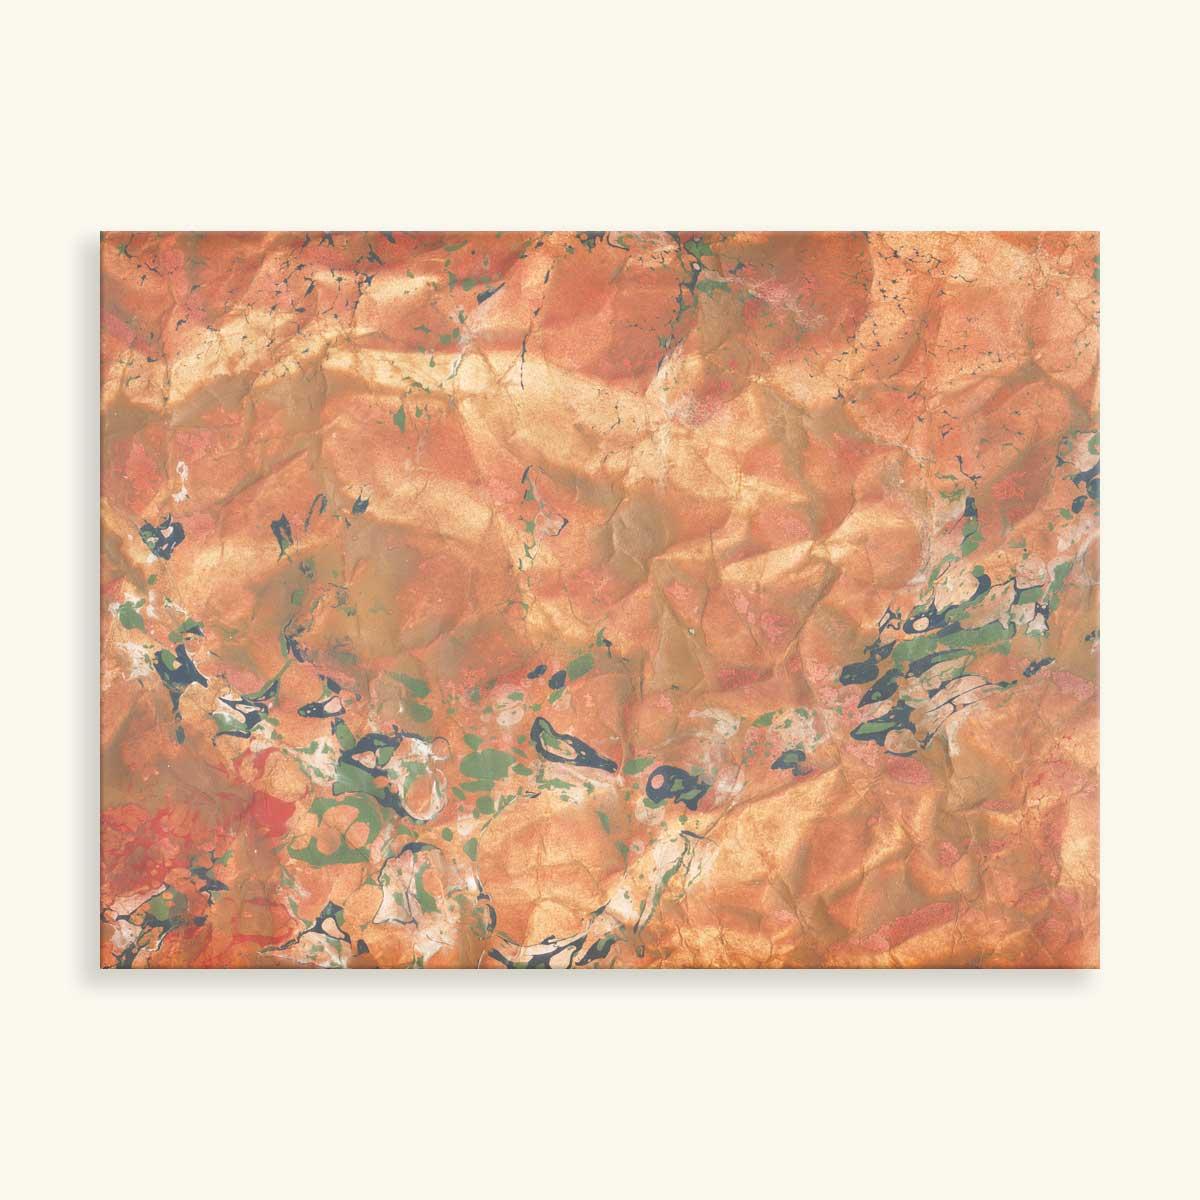 gürel ebrusu özgün kompozisyon No 40